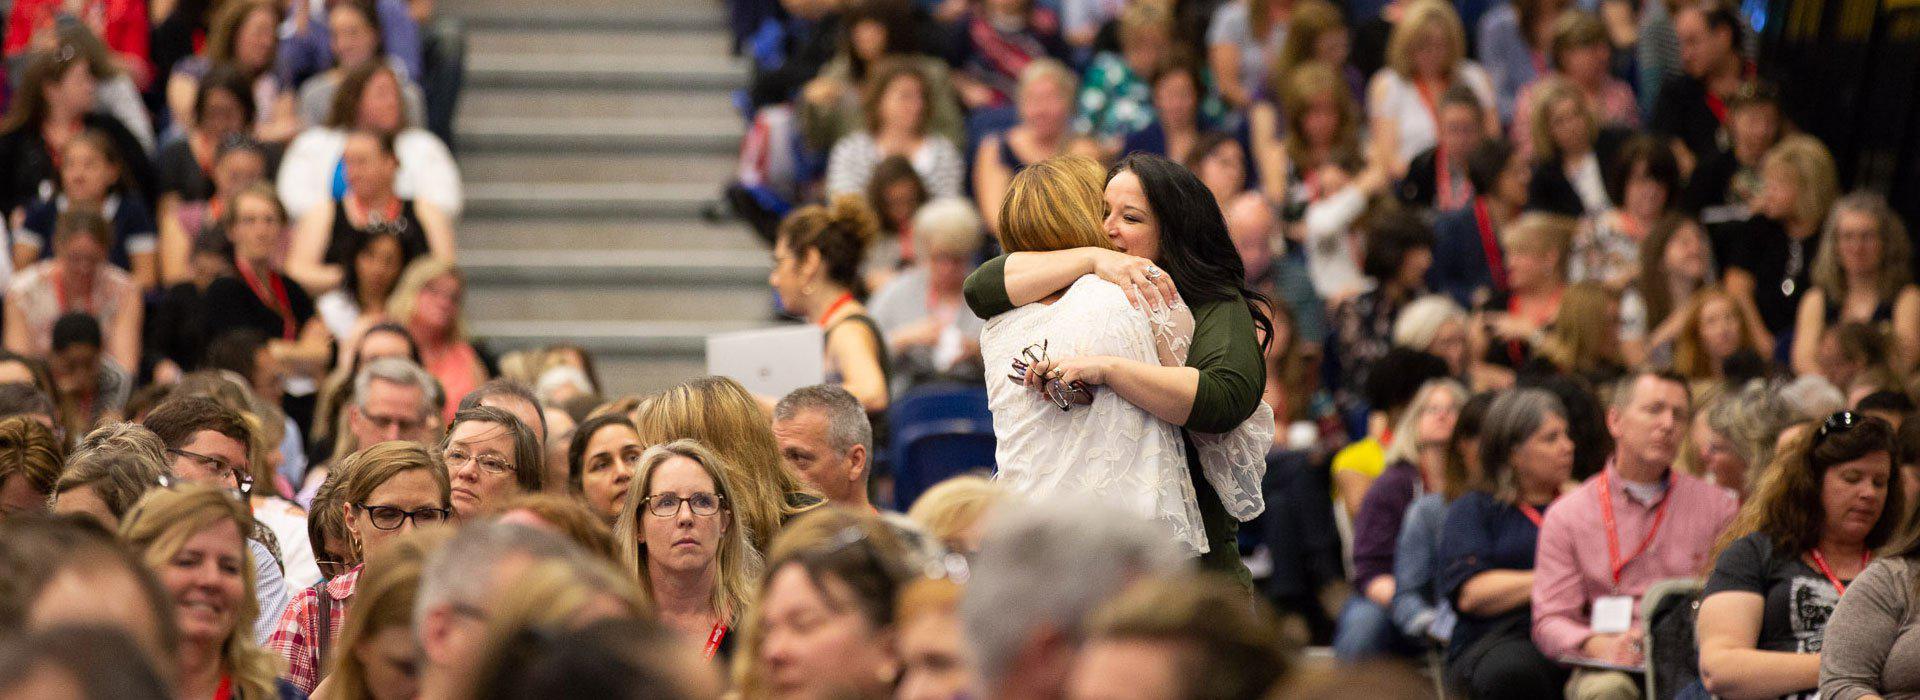 Event Hug